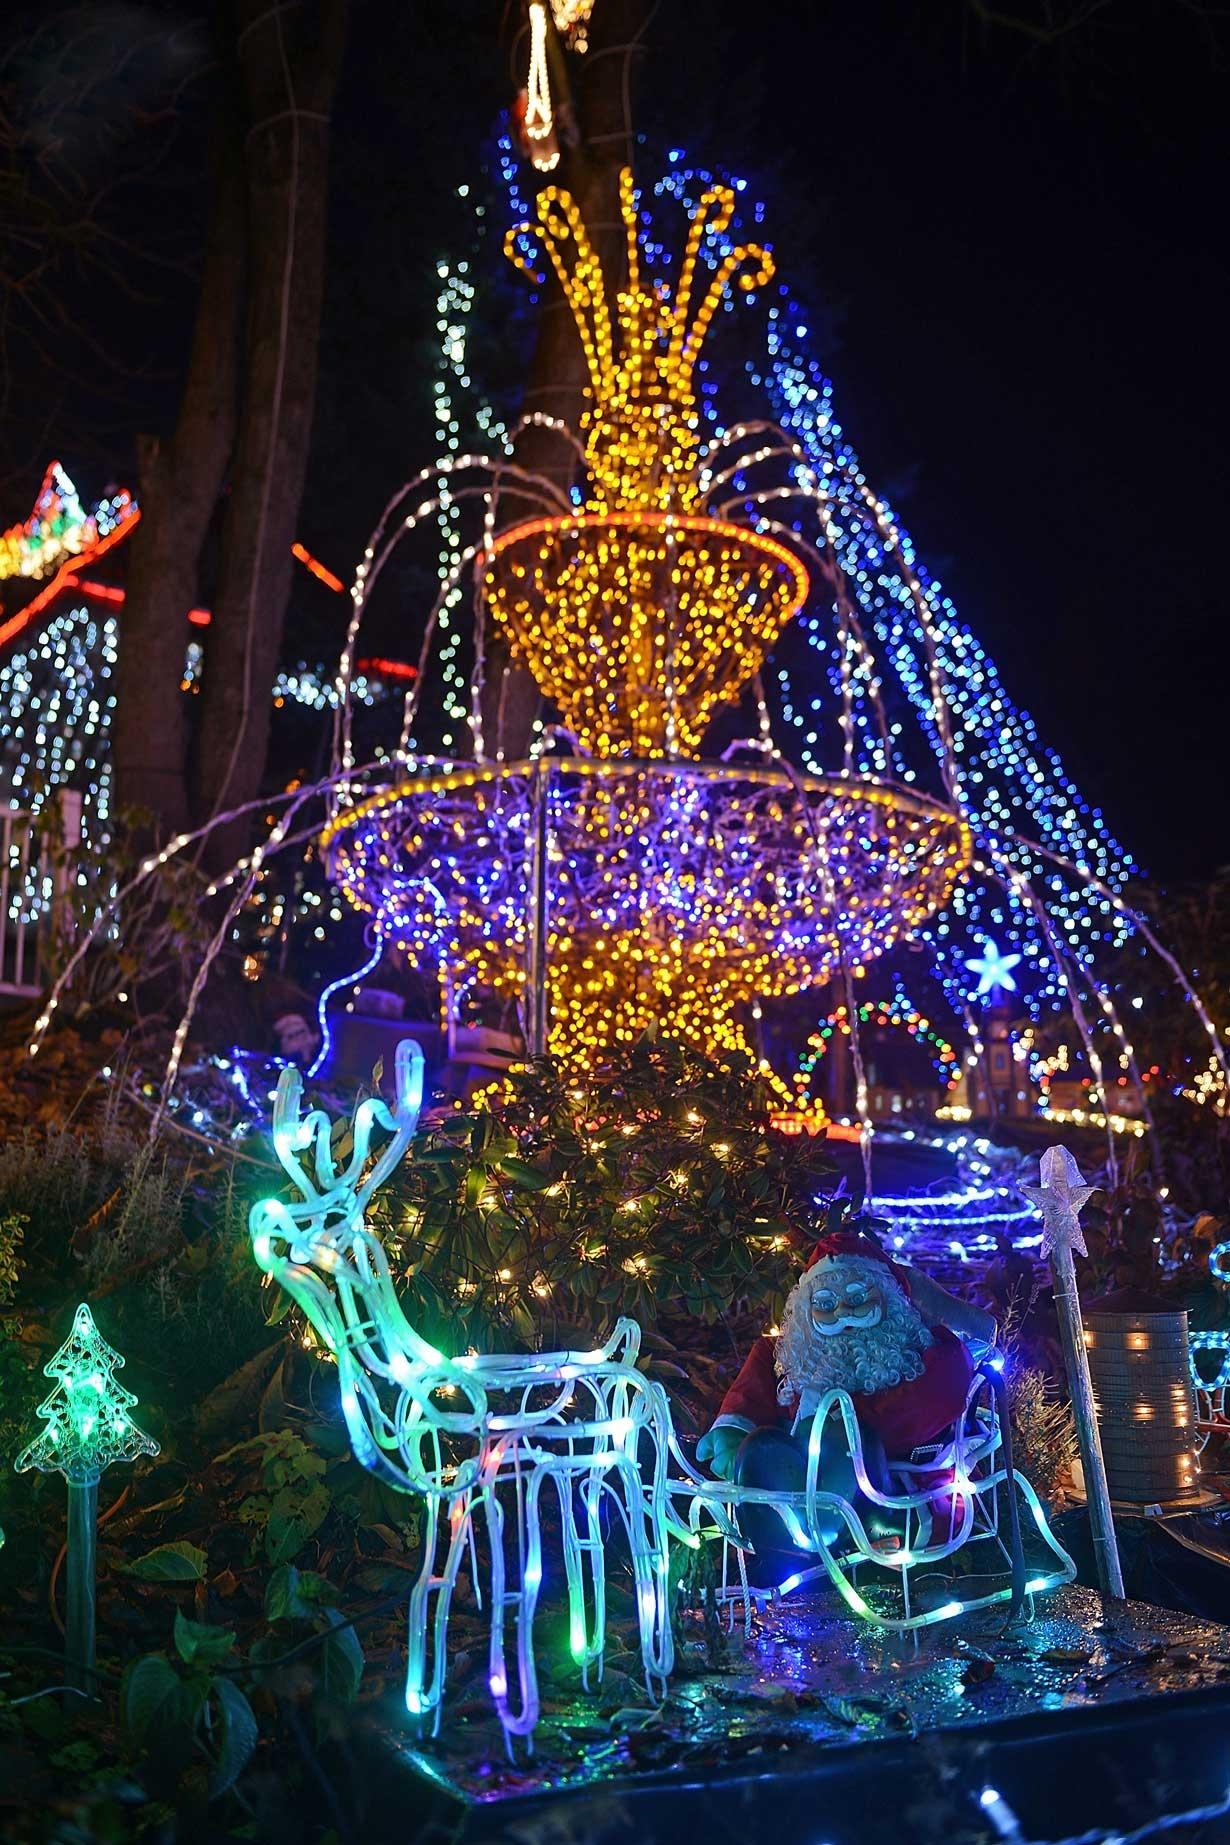 کریسمس رویایی برای بچه ها با 450 هزار لامپ ،دور خانه آقای وگت